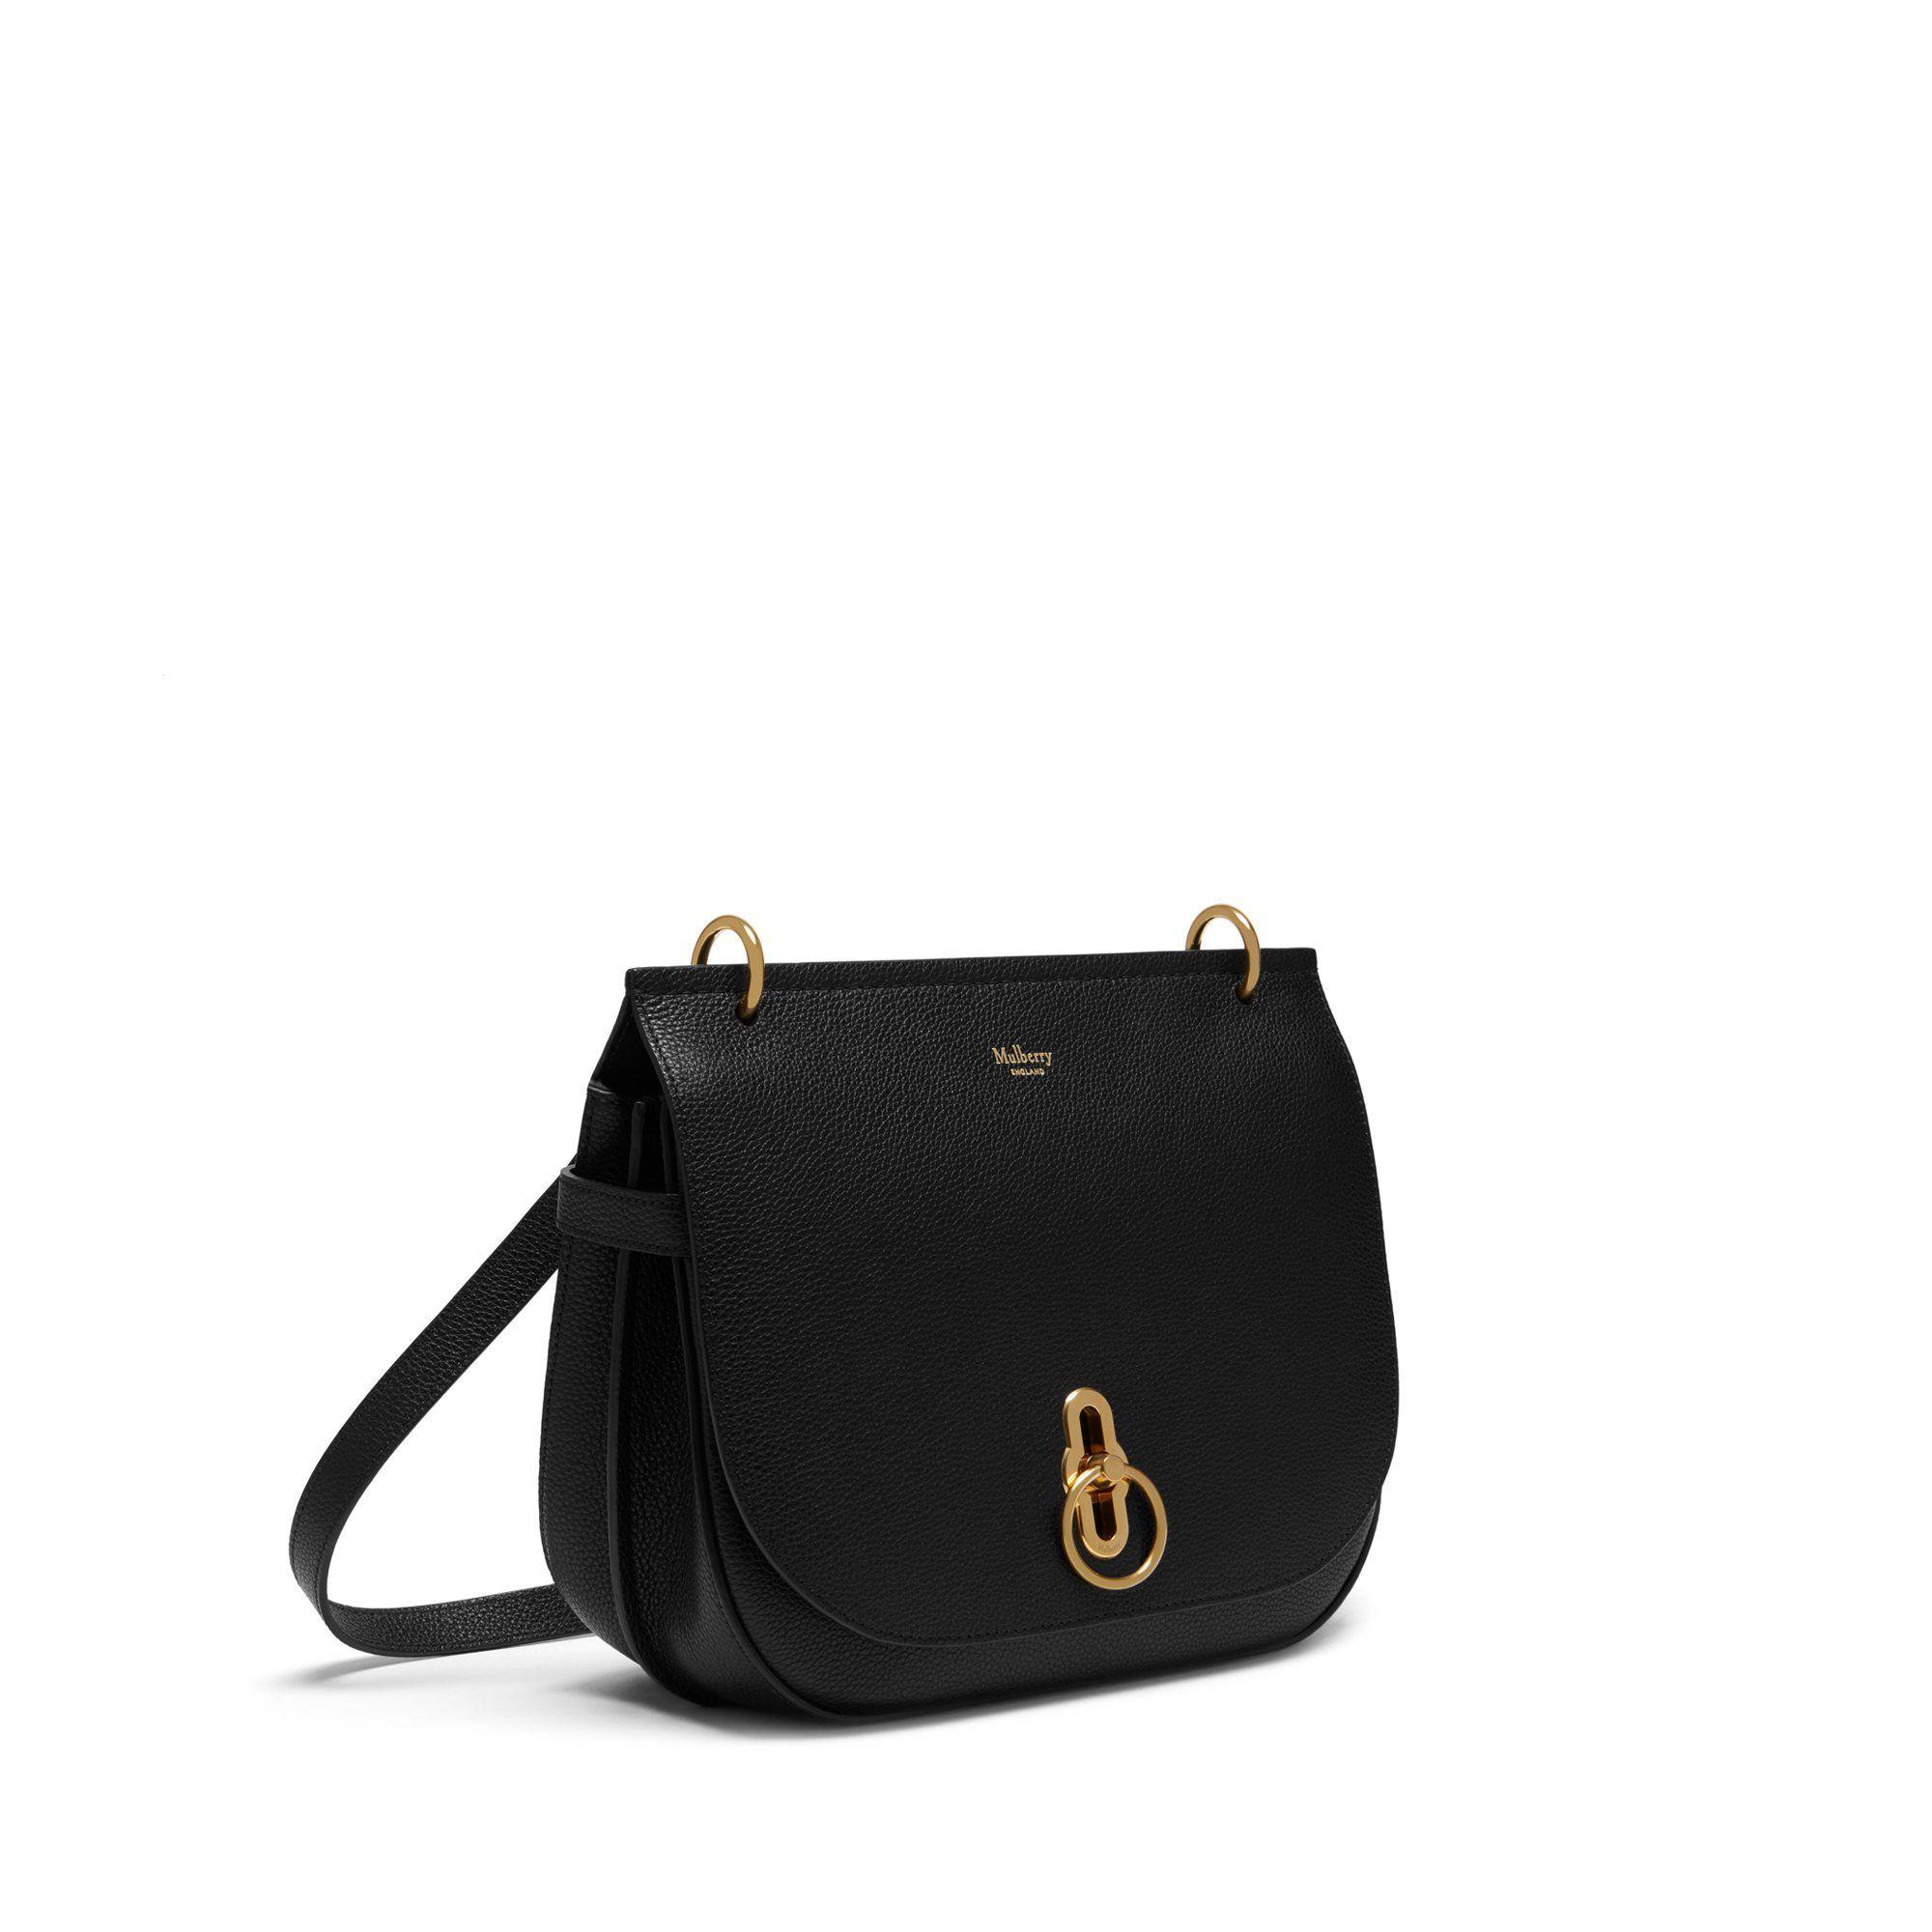 0ffad824d9d2 Women s Bags